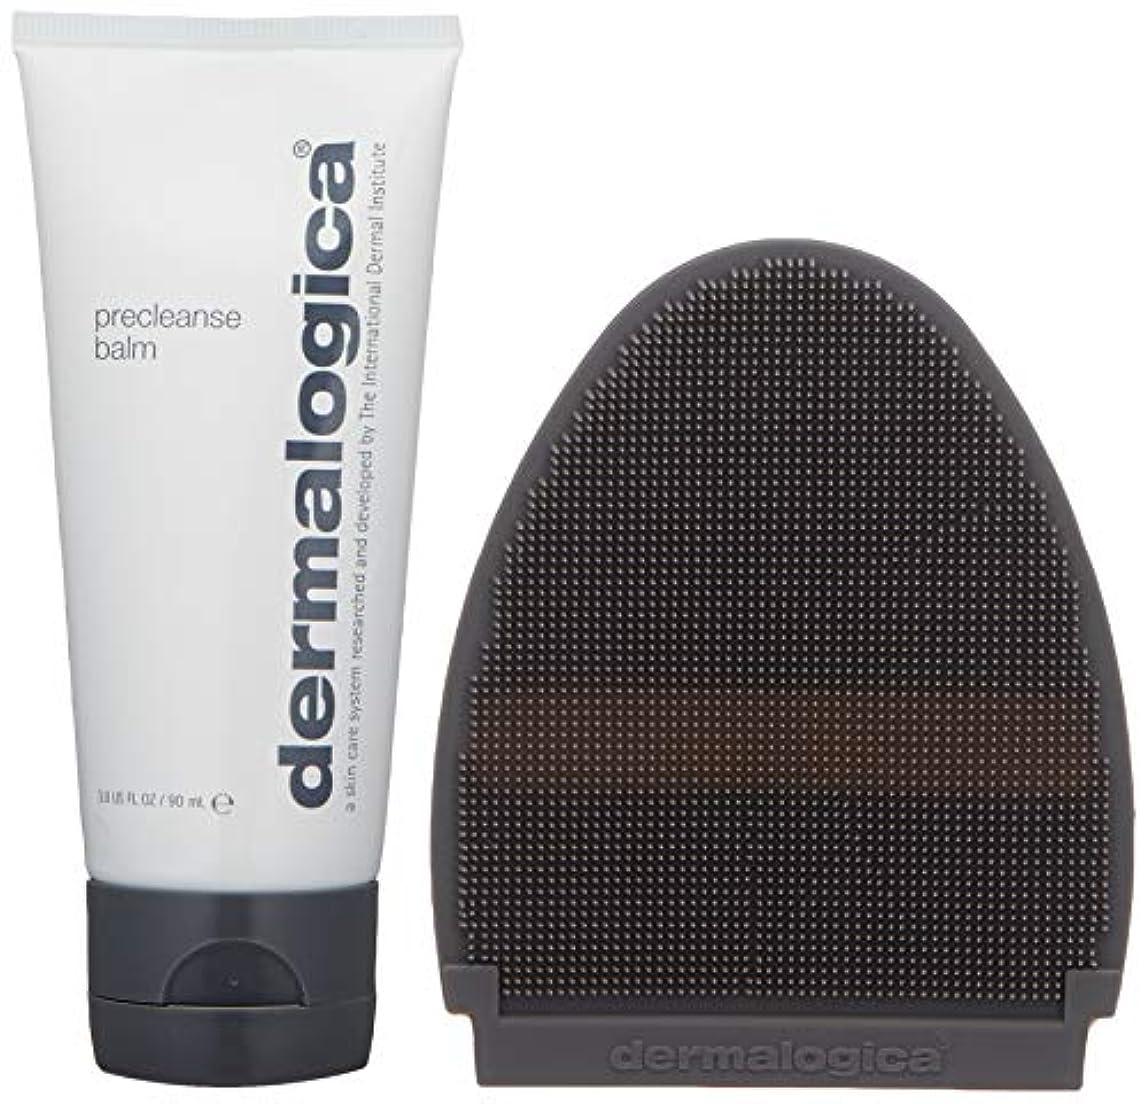 確実熱意仮定するダーマロジカ Precleanse Balm (with Cleansing Mitt) - For Normal to Dry Skin 90ml/3oz並行輸入品